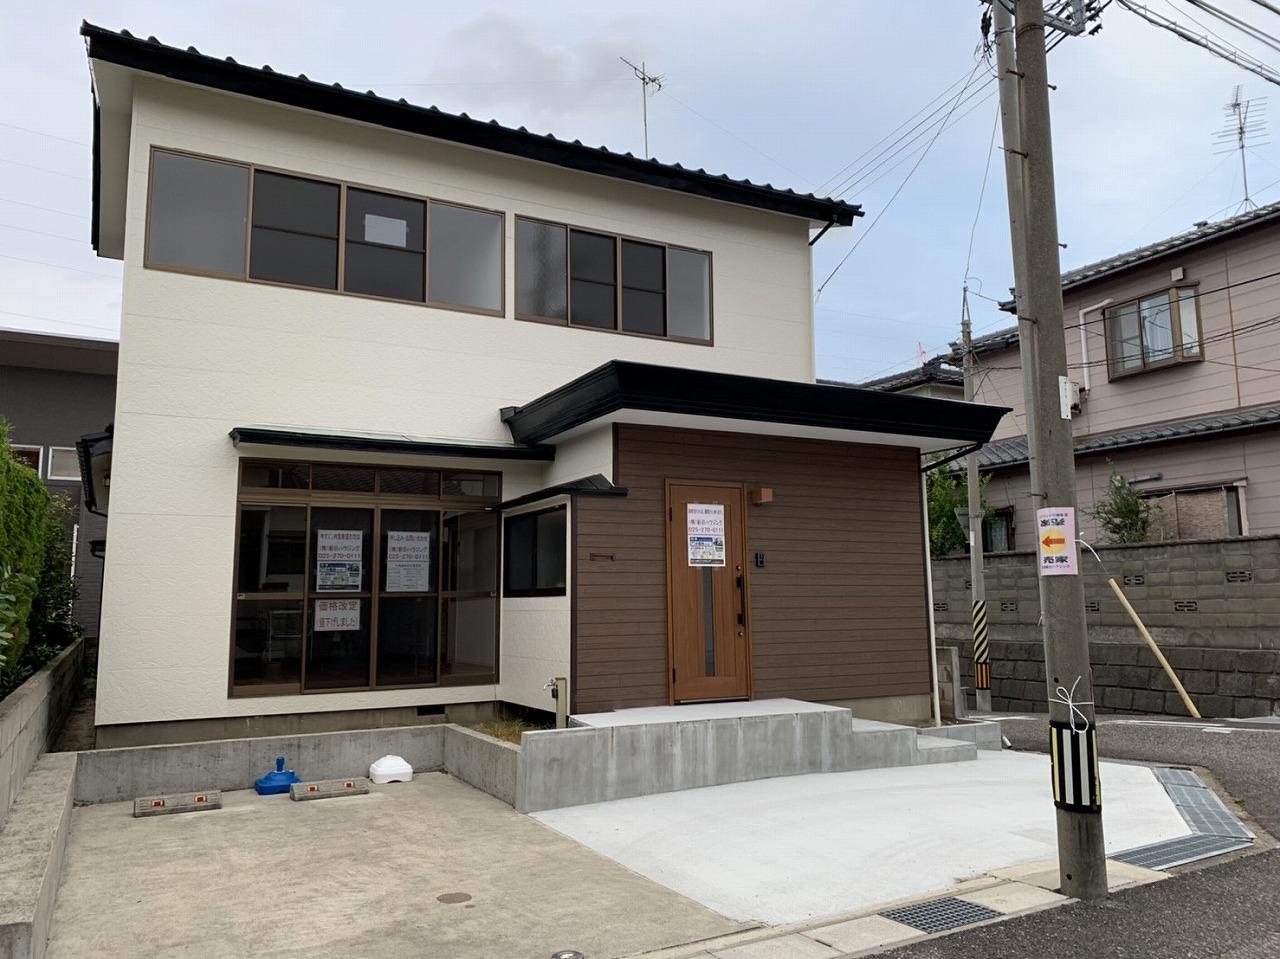 新潟市東区小金台の中古住宅の写真